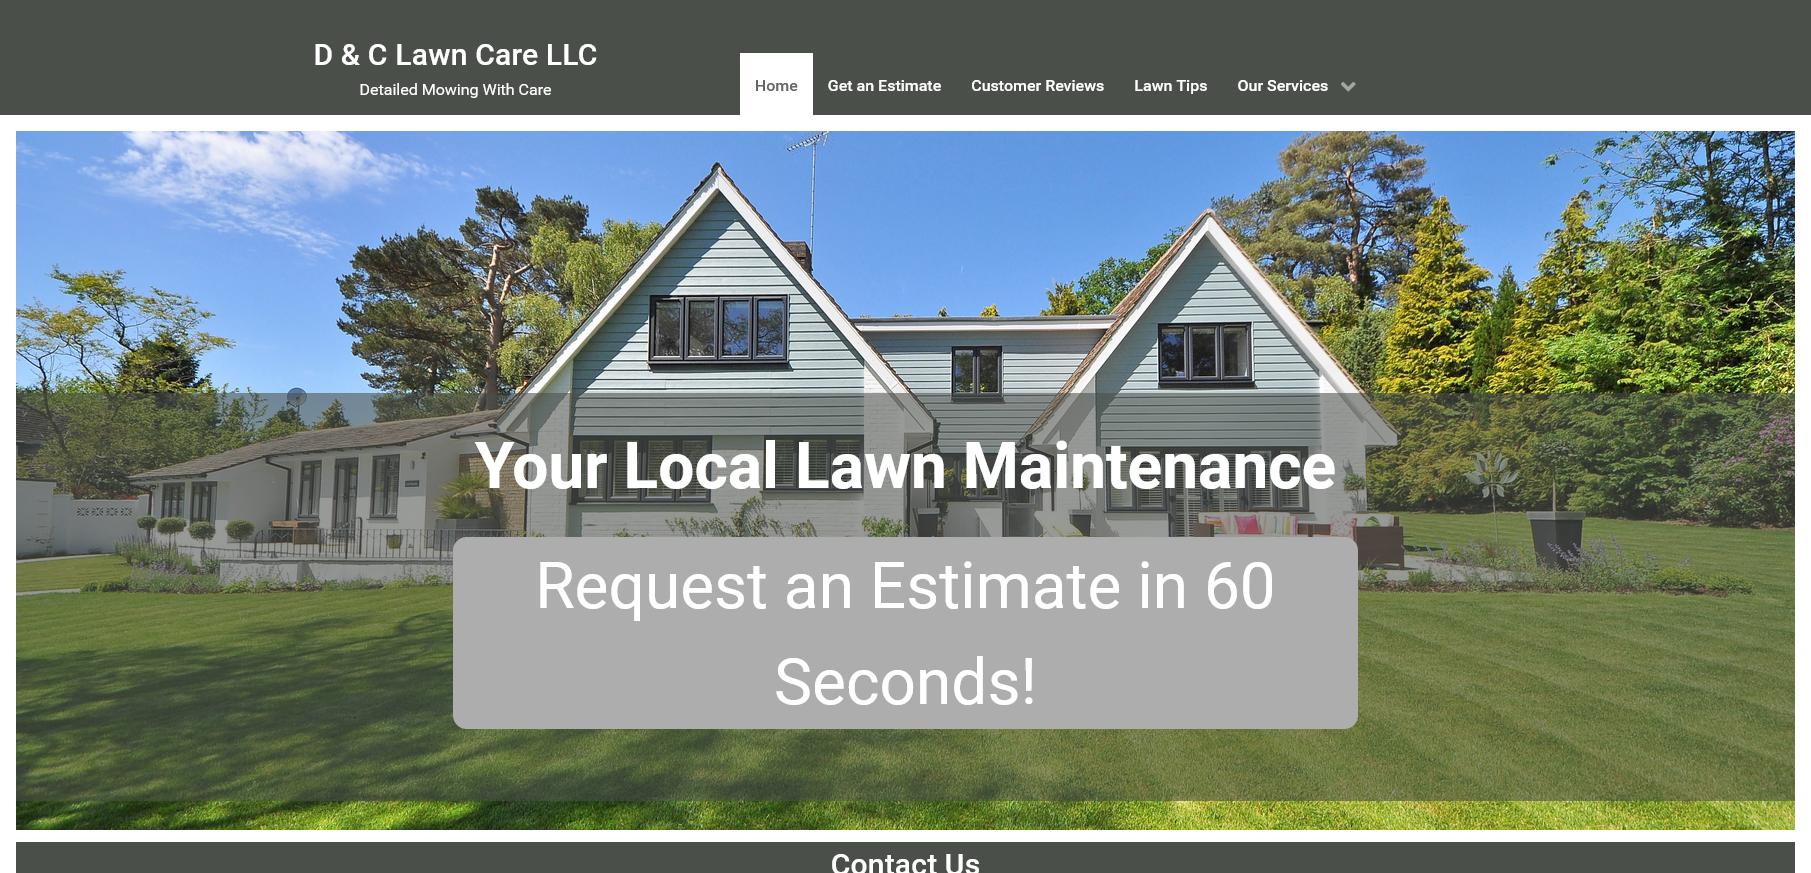 D & C Lawn Care